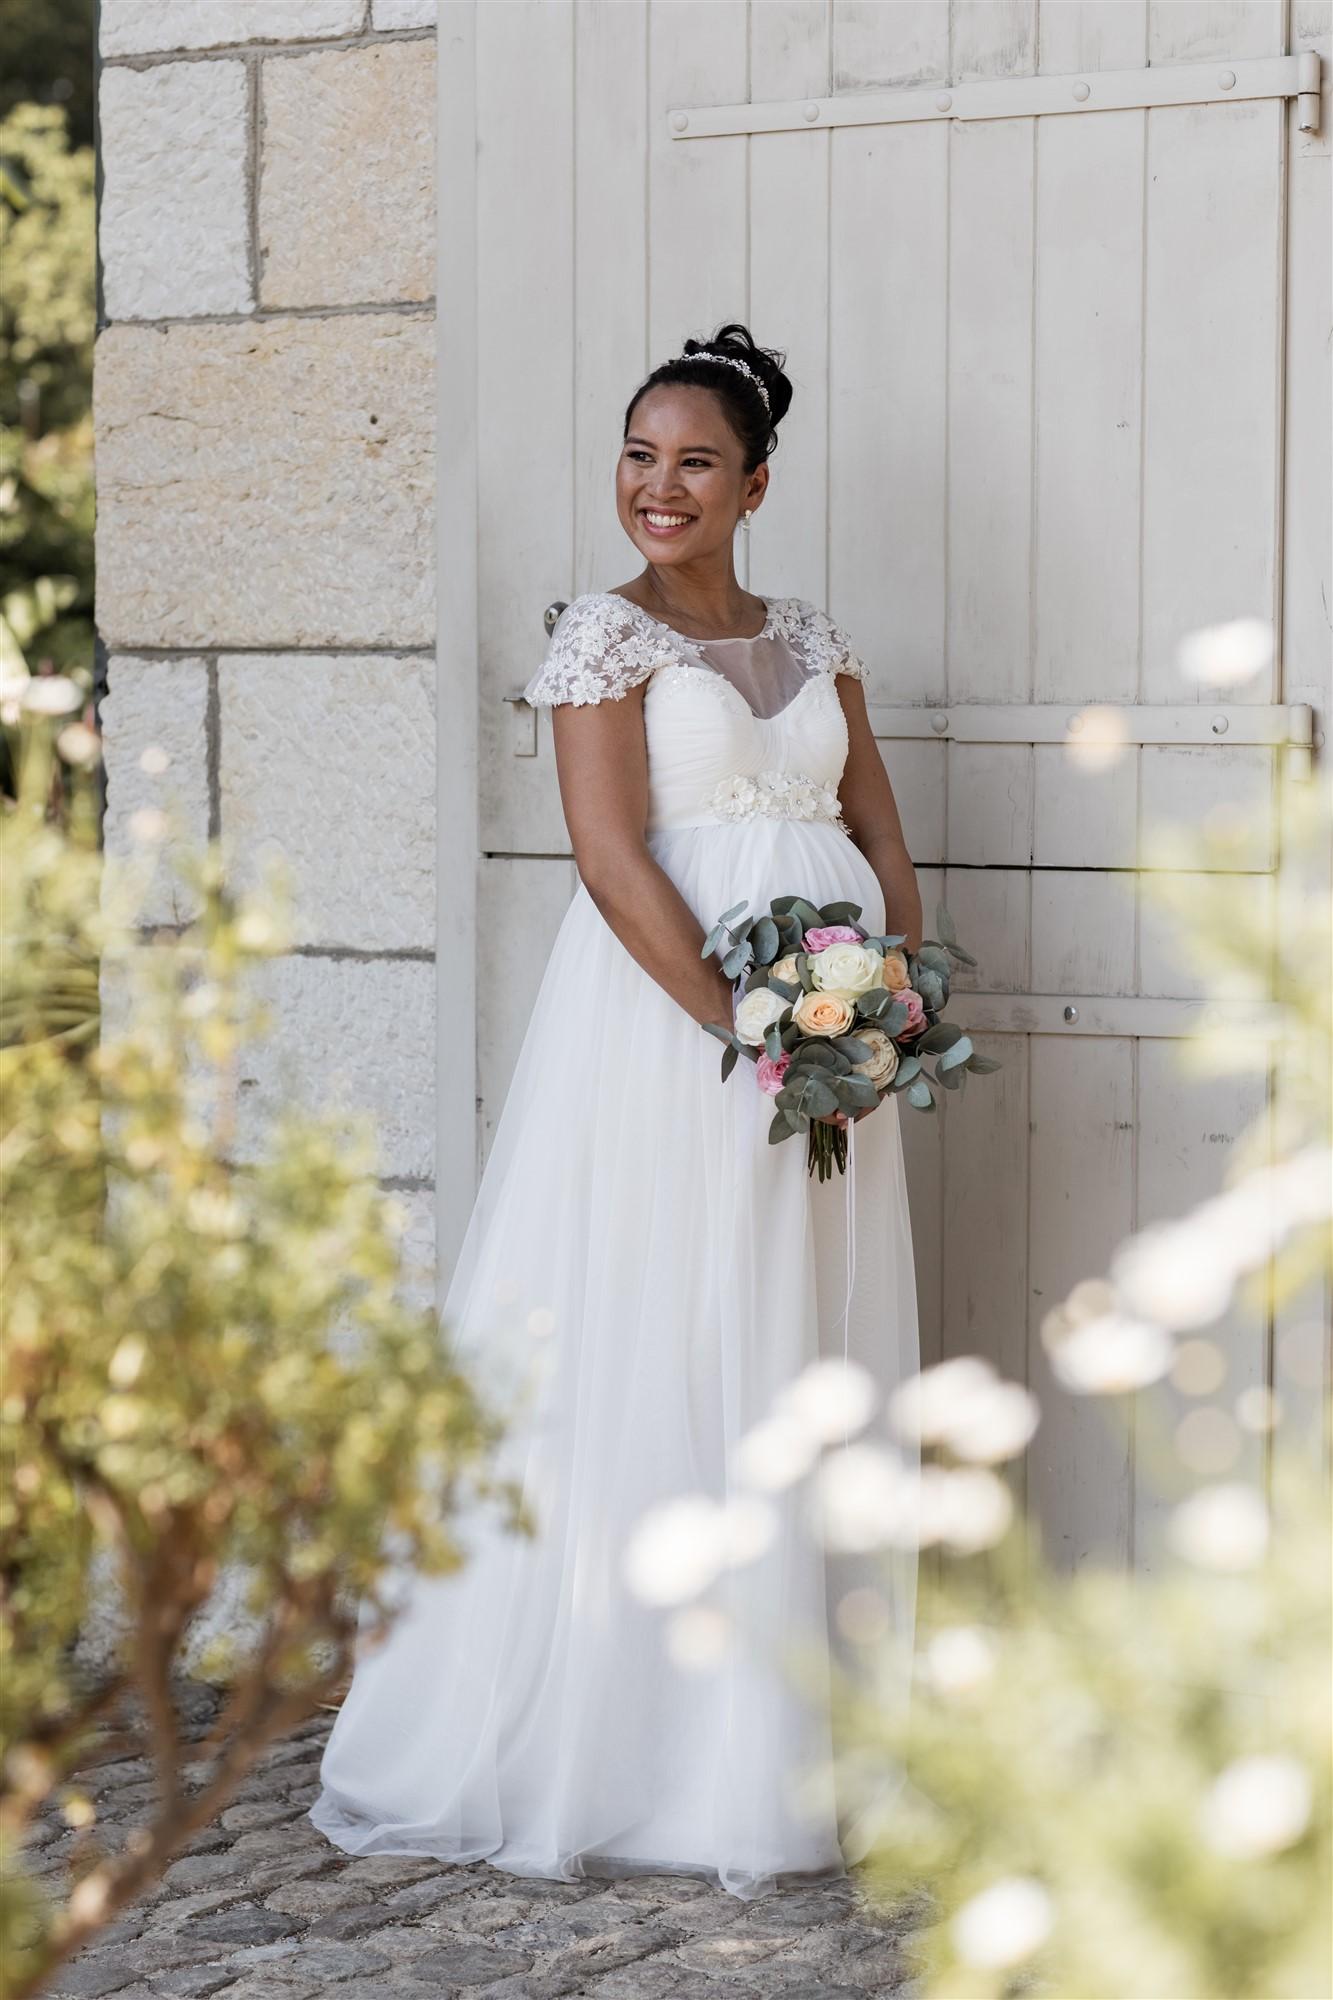 Die lachende Braut und ihr Babybauch beim romantischen Fotoshooting in den Merian Gärten